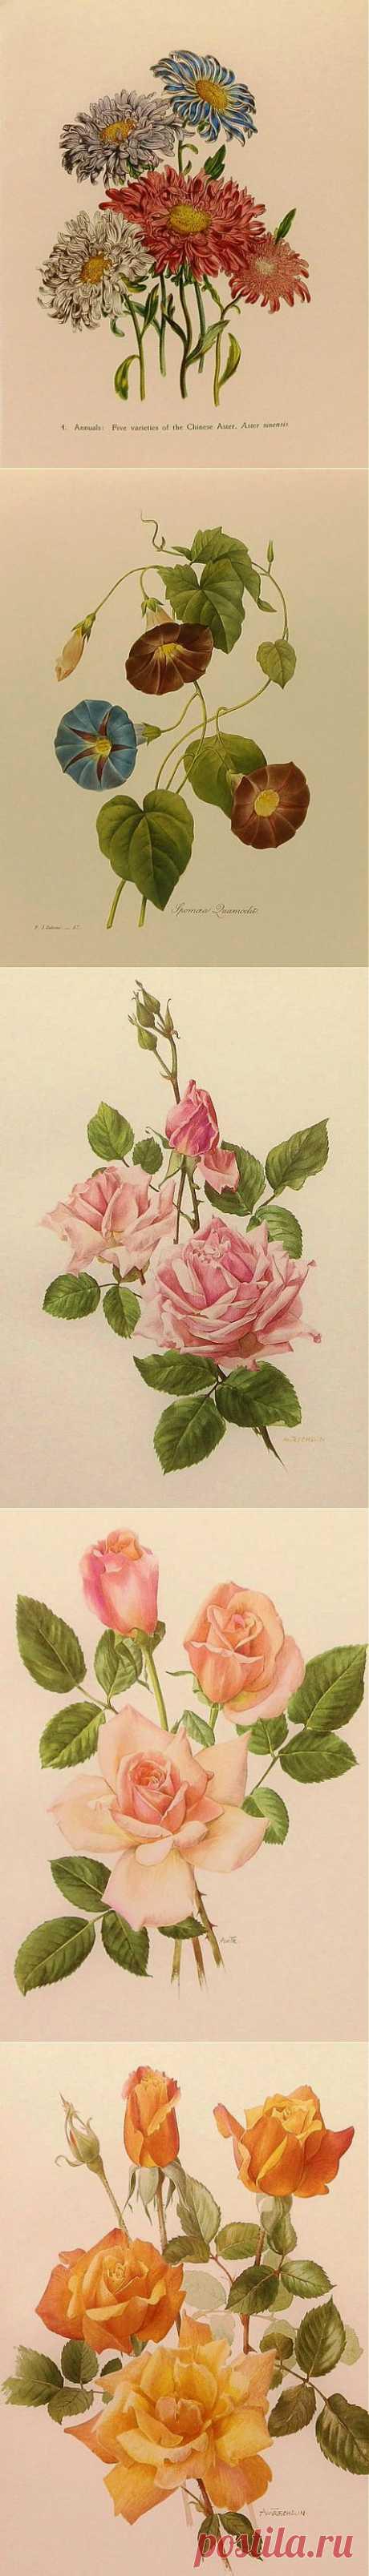 Ботанические иллюстрации.